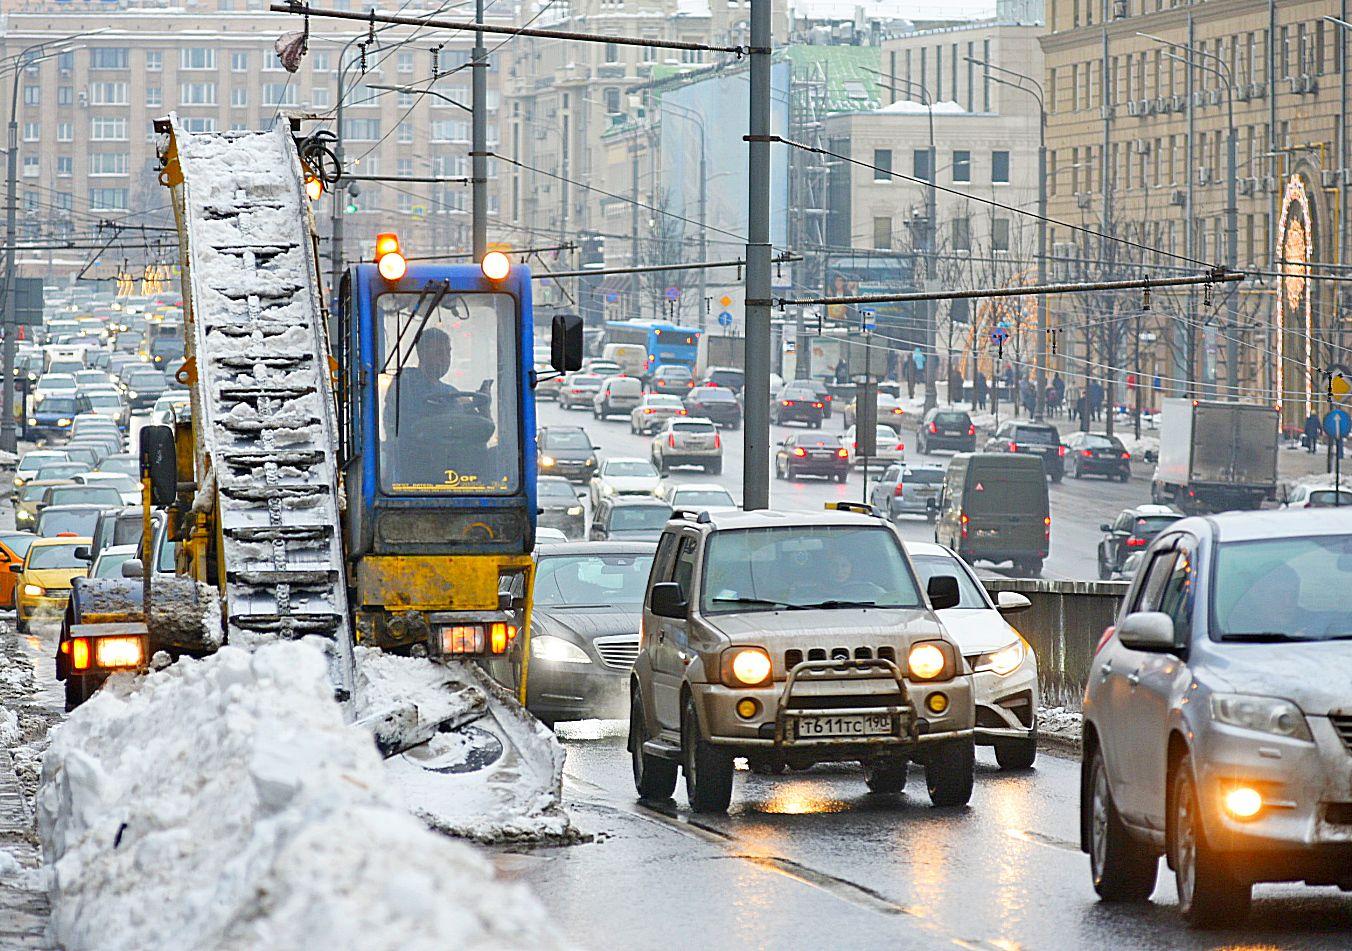 Оттепель ударила по московским сугробам